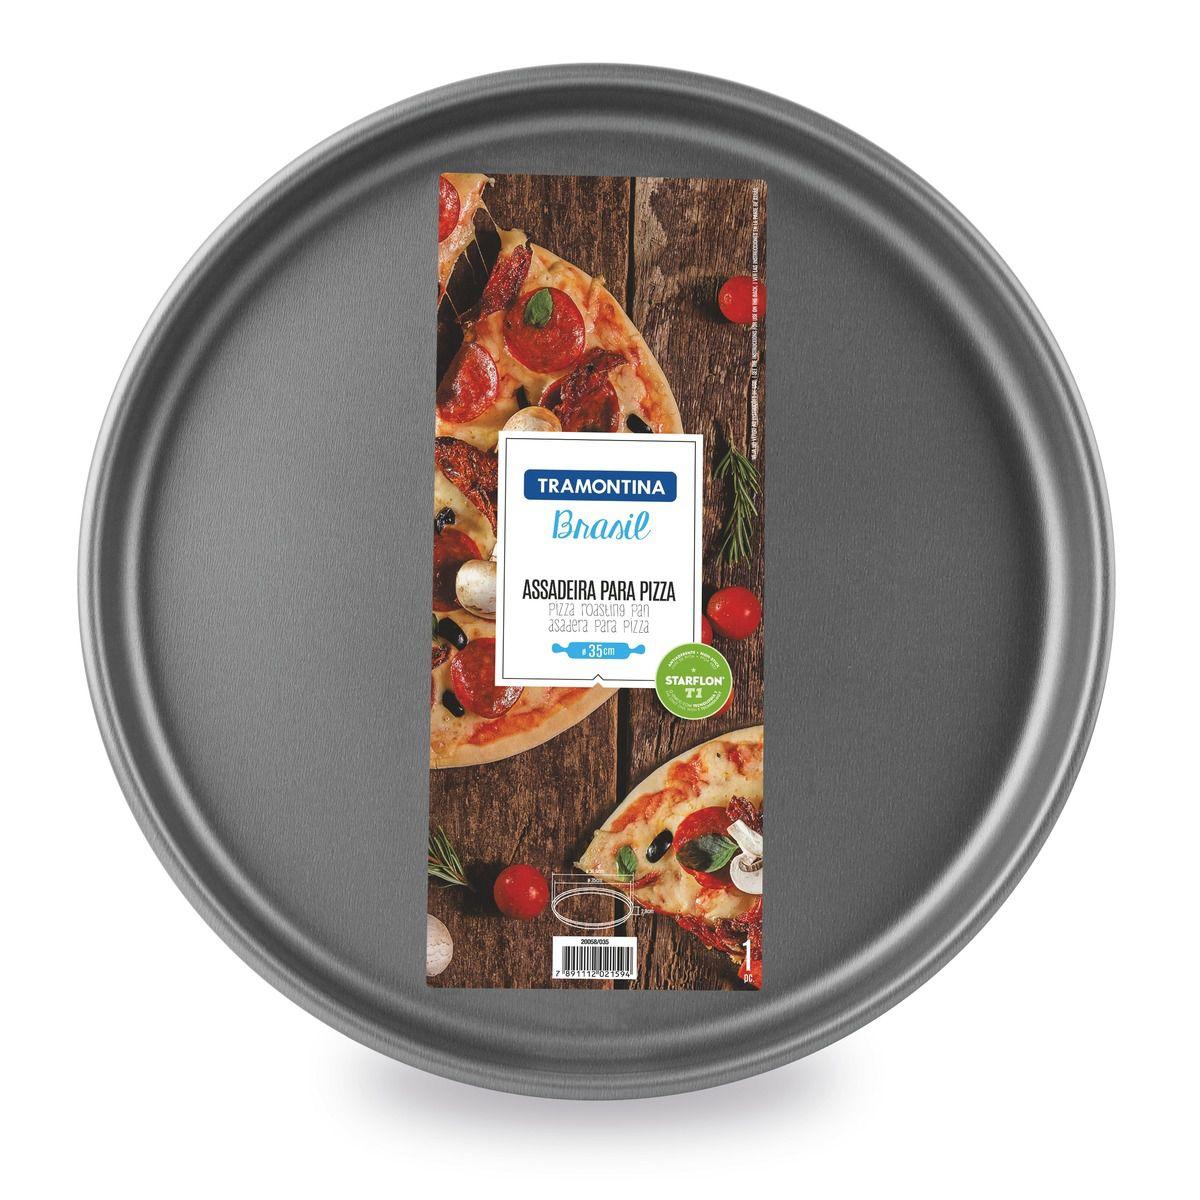 Assadeira para pizza de alumínio com revestimento interno antiaderente Ø35cm 20058/035 | Lojas Estrela